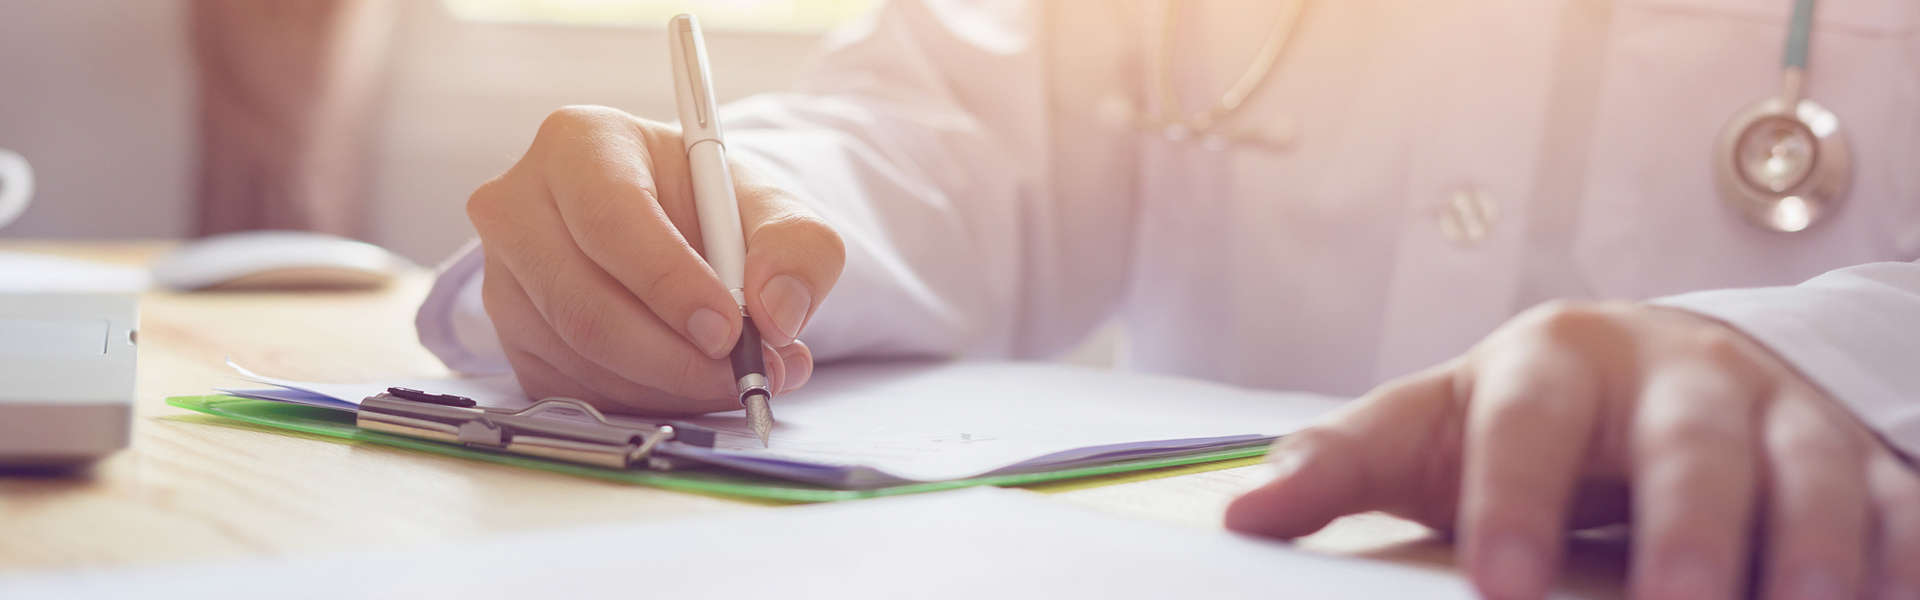 Hiring a freelance medical writer